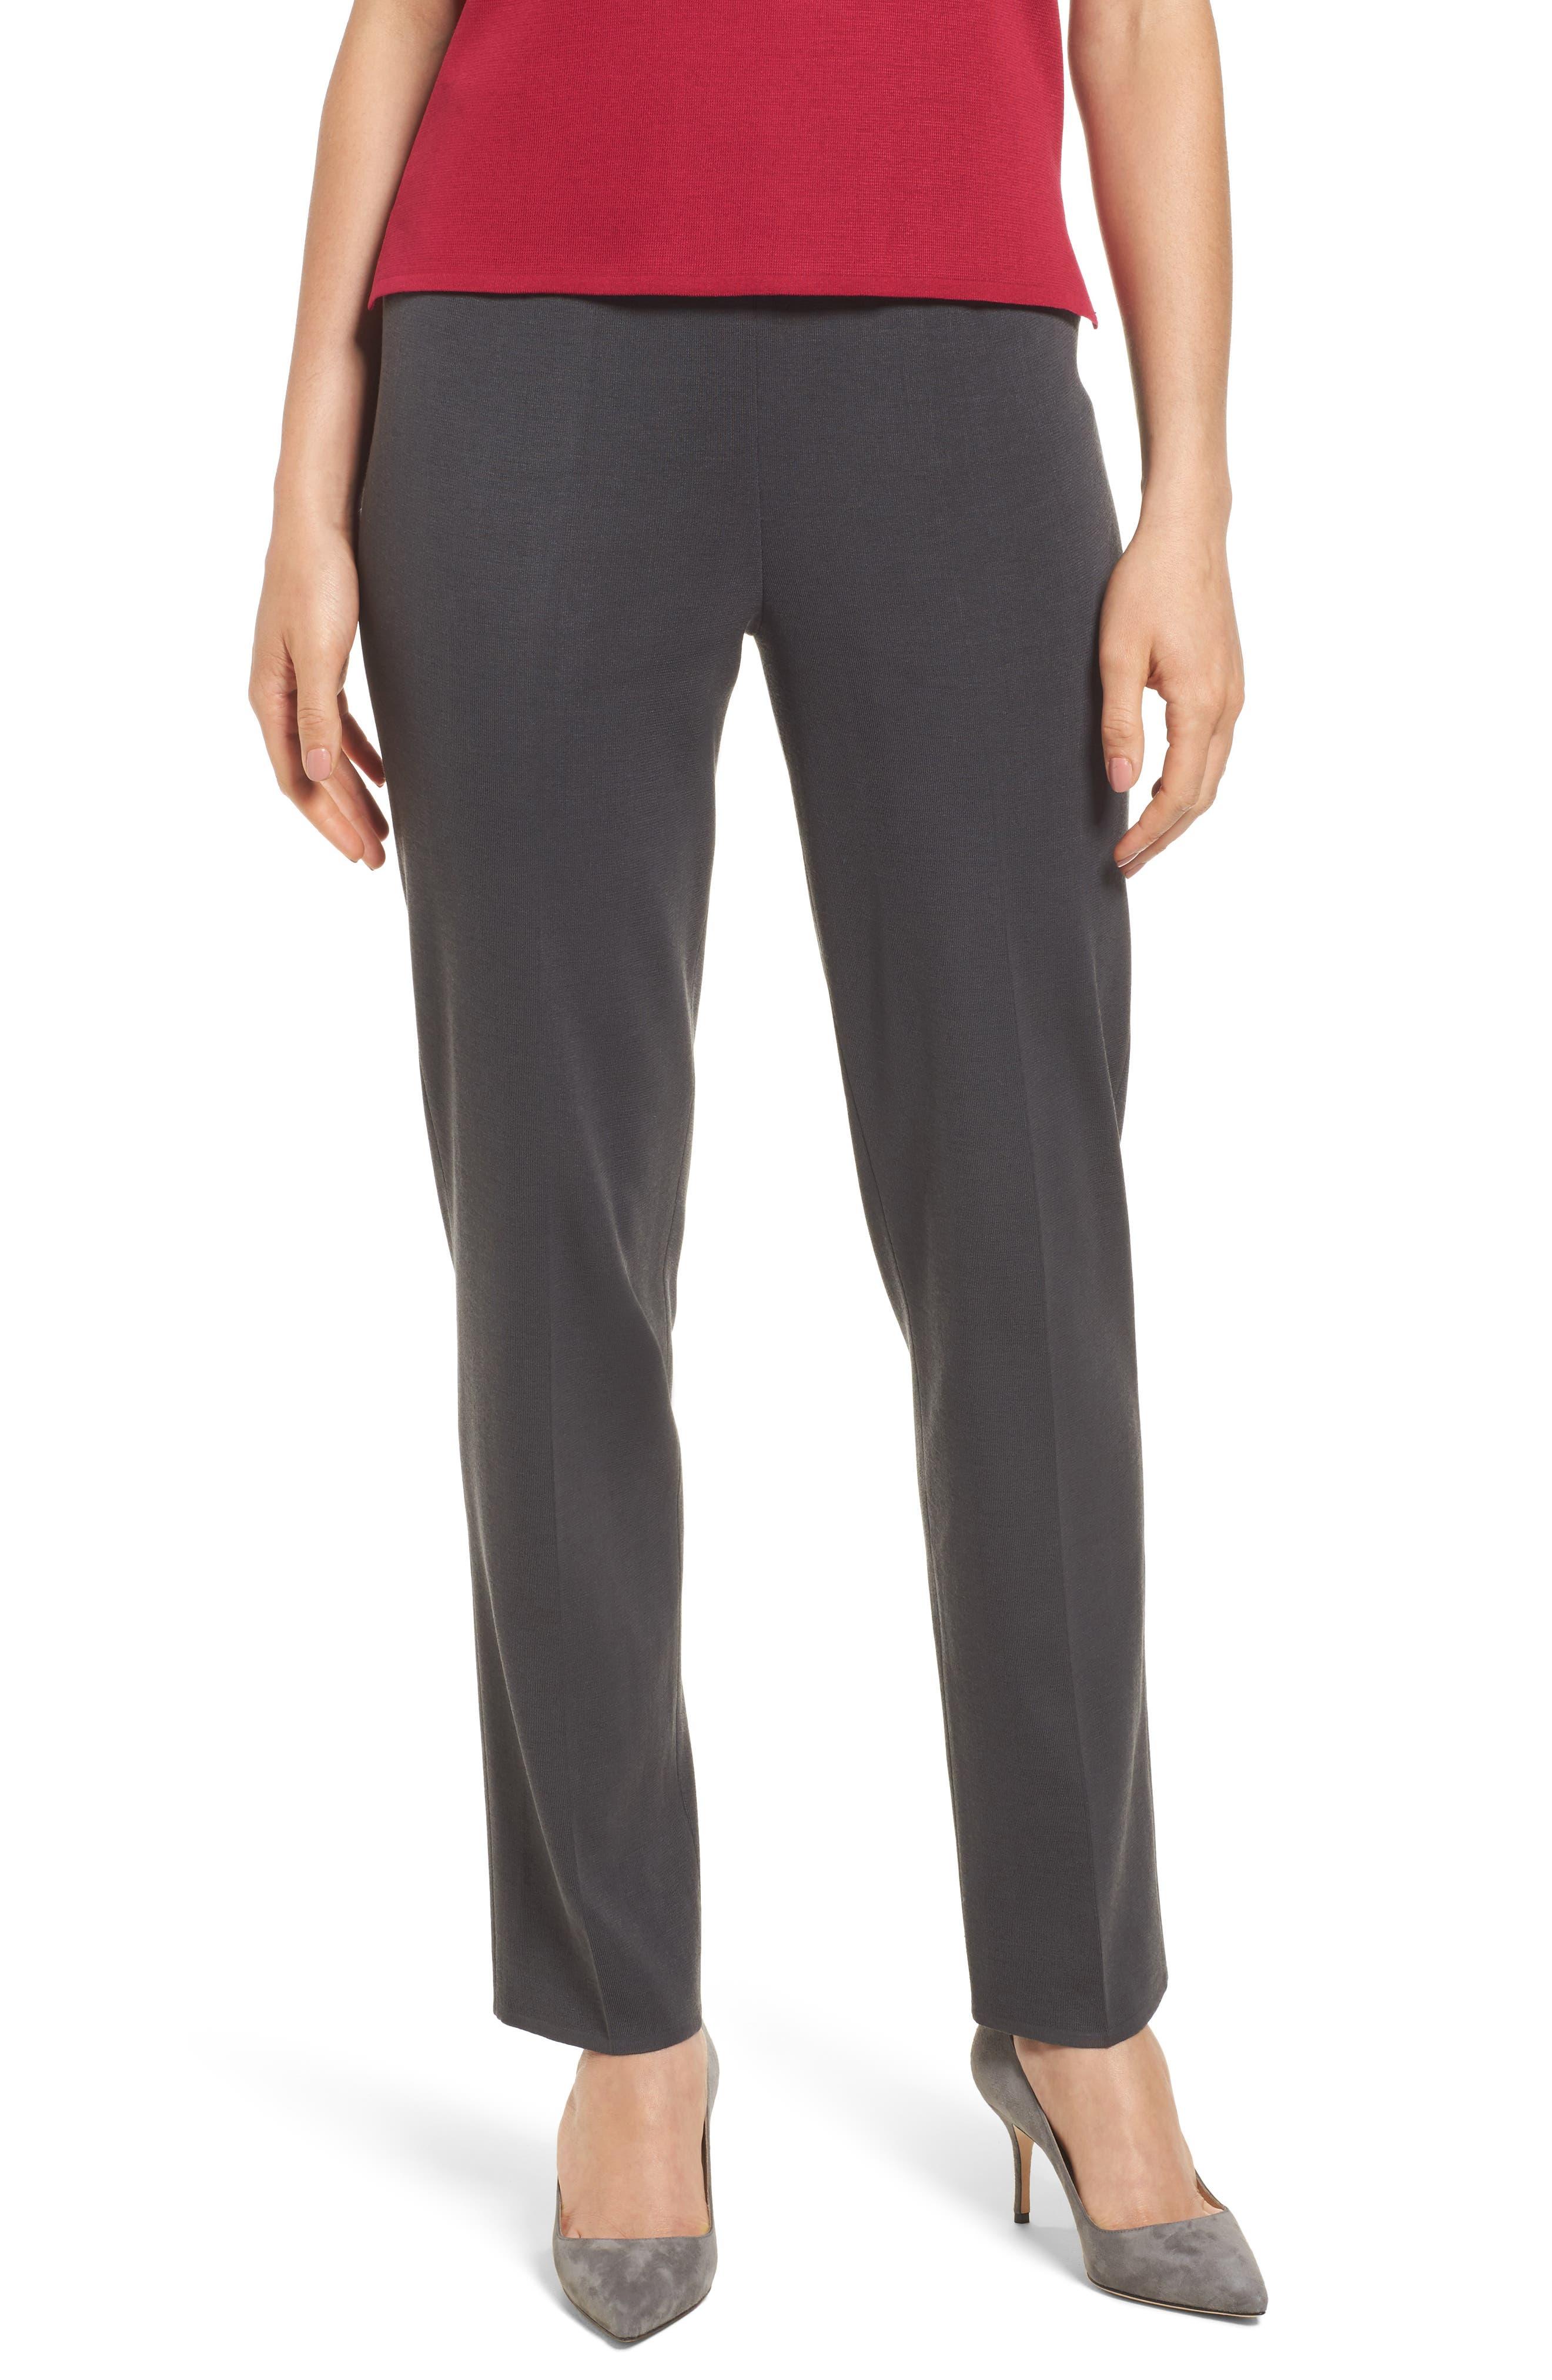 MING WANG Pull-On Knit Pants, Main, color, GRANITE